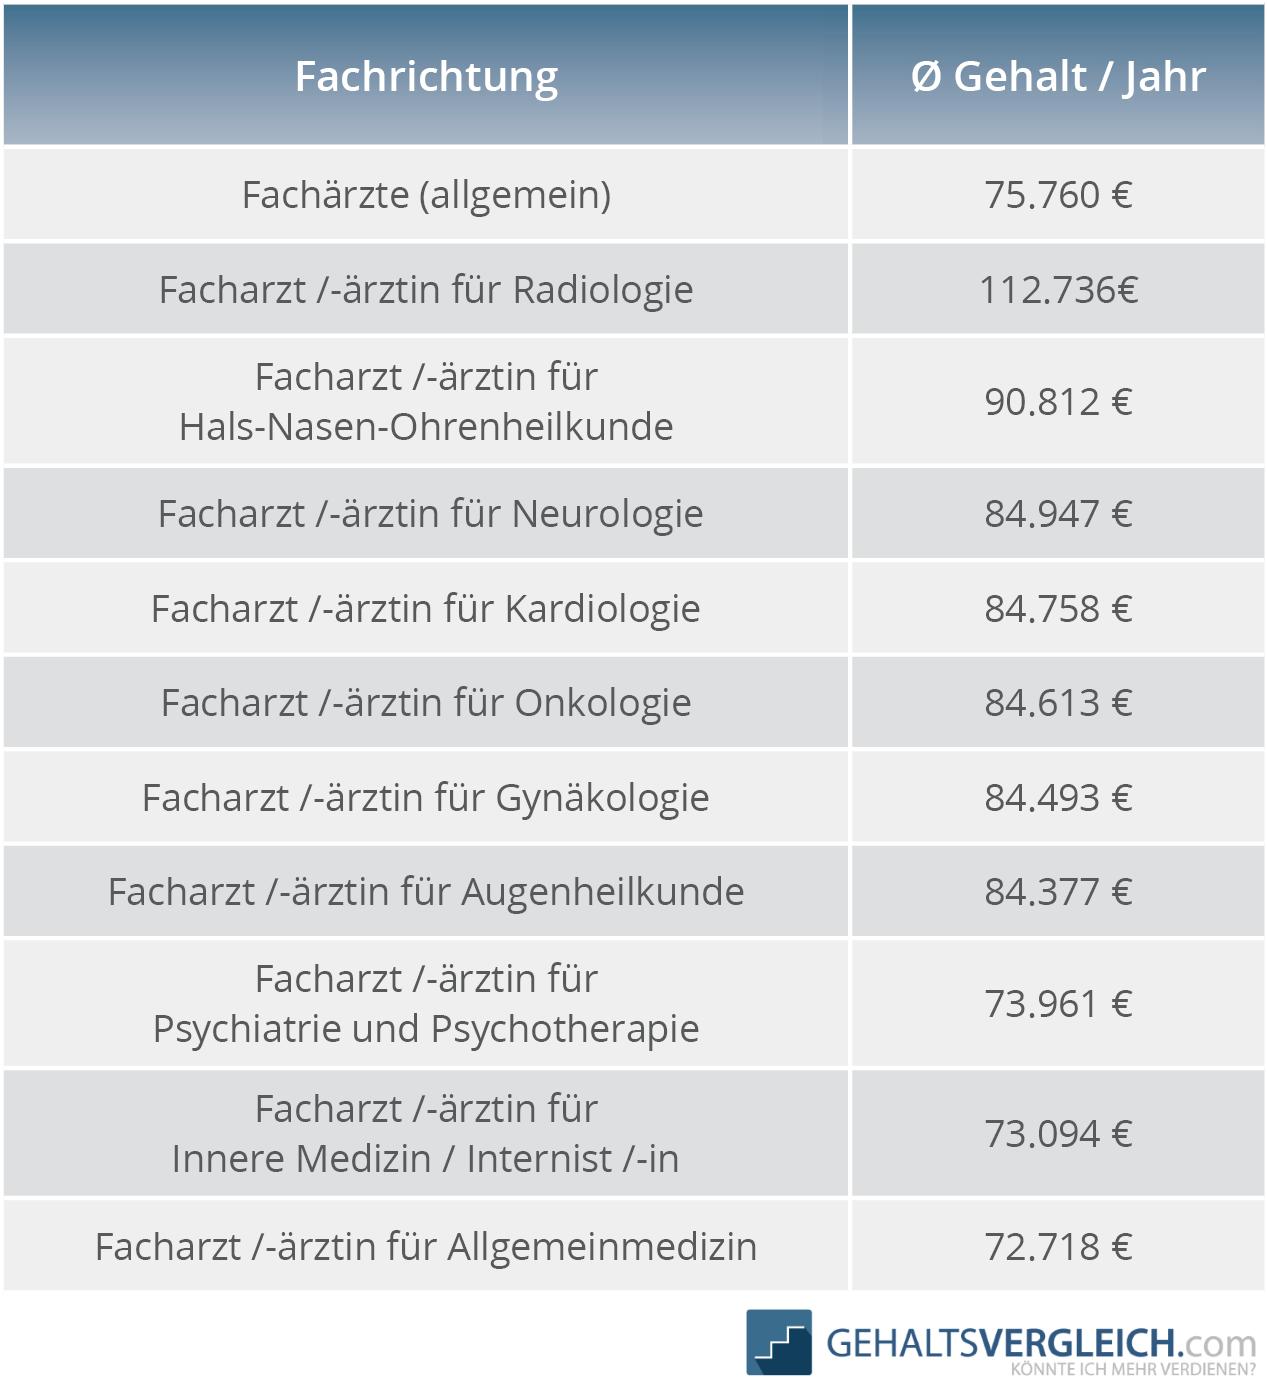 Gehaltstabelle Fachärzte nach Fachrichtung 2017